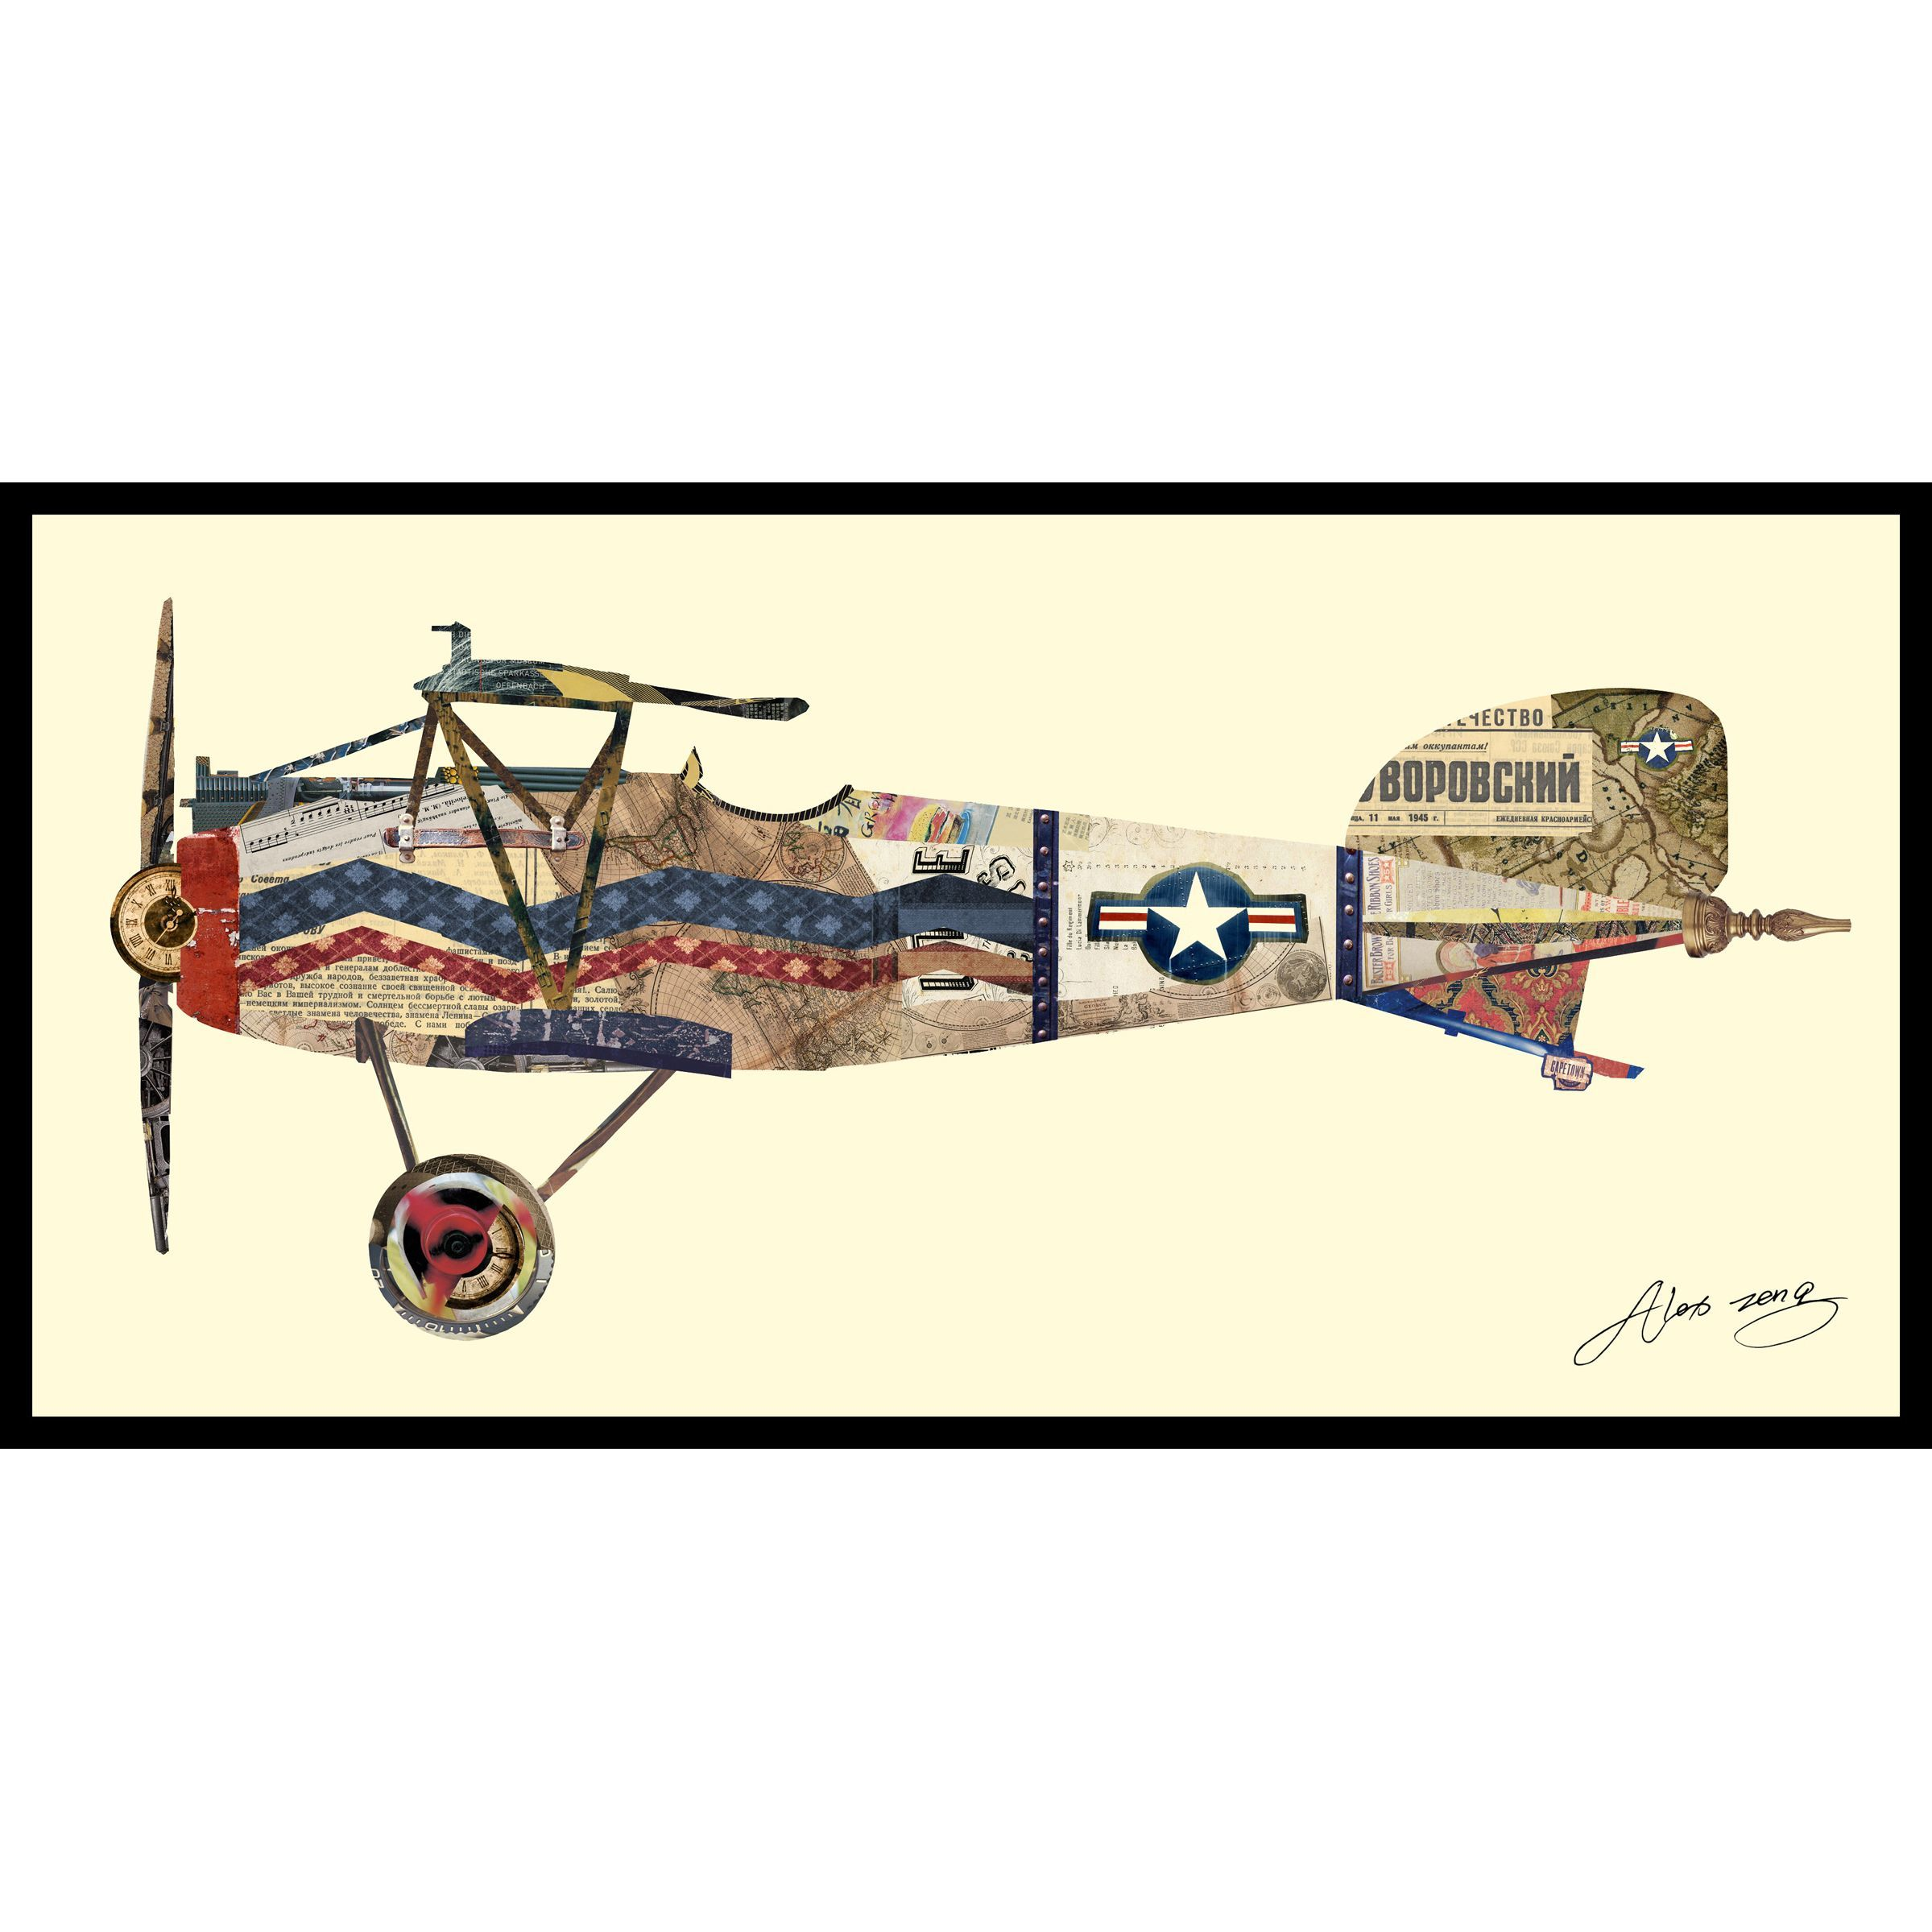 Empire Art Alex Zeng Antique Biplane #3 Collage   Products   Pinterest